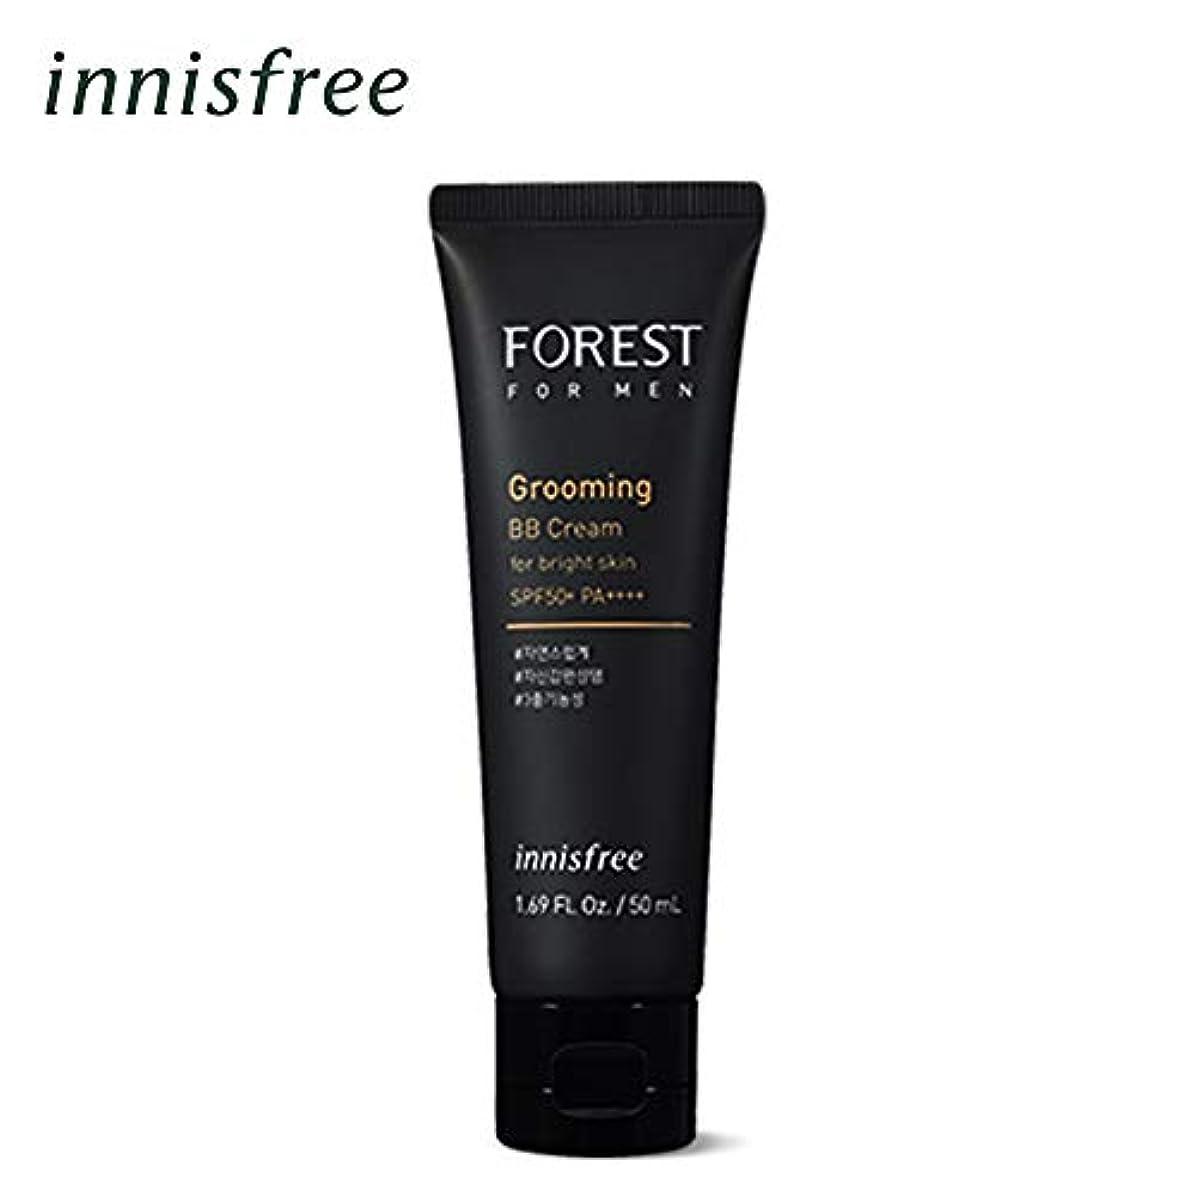 診断するペーストワーカー[Innisfree] フォレストフォーメン グルーミングBBクリーム 1番 明るい肌用 SPF50+PA++++ 50ml koreacosmetic(forest for men grooming BBcream No...